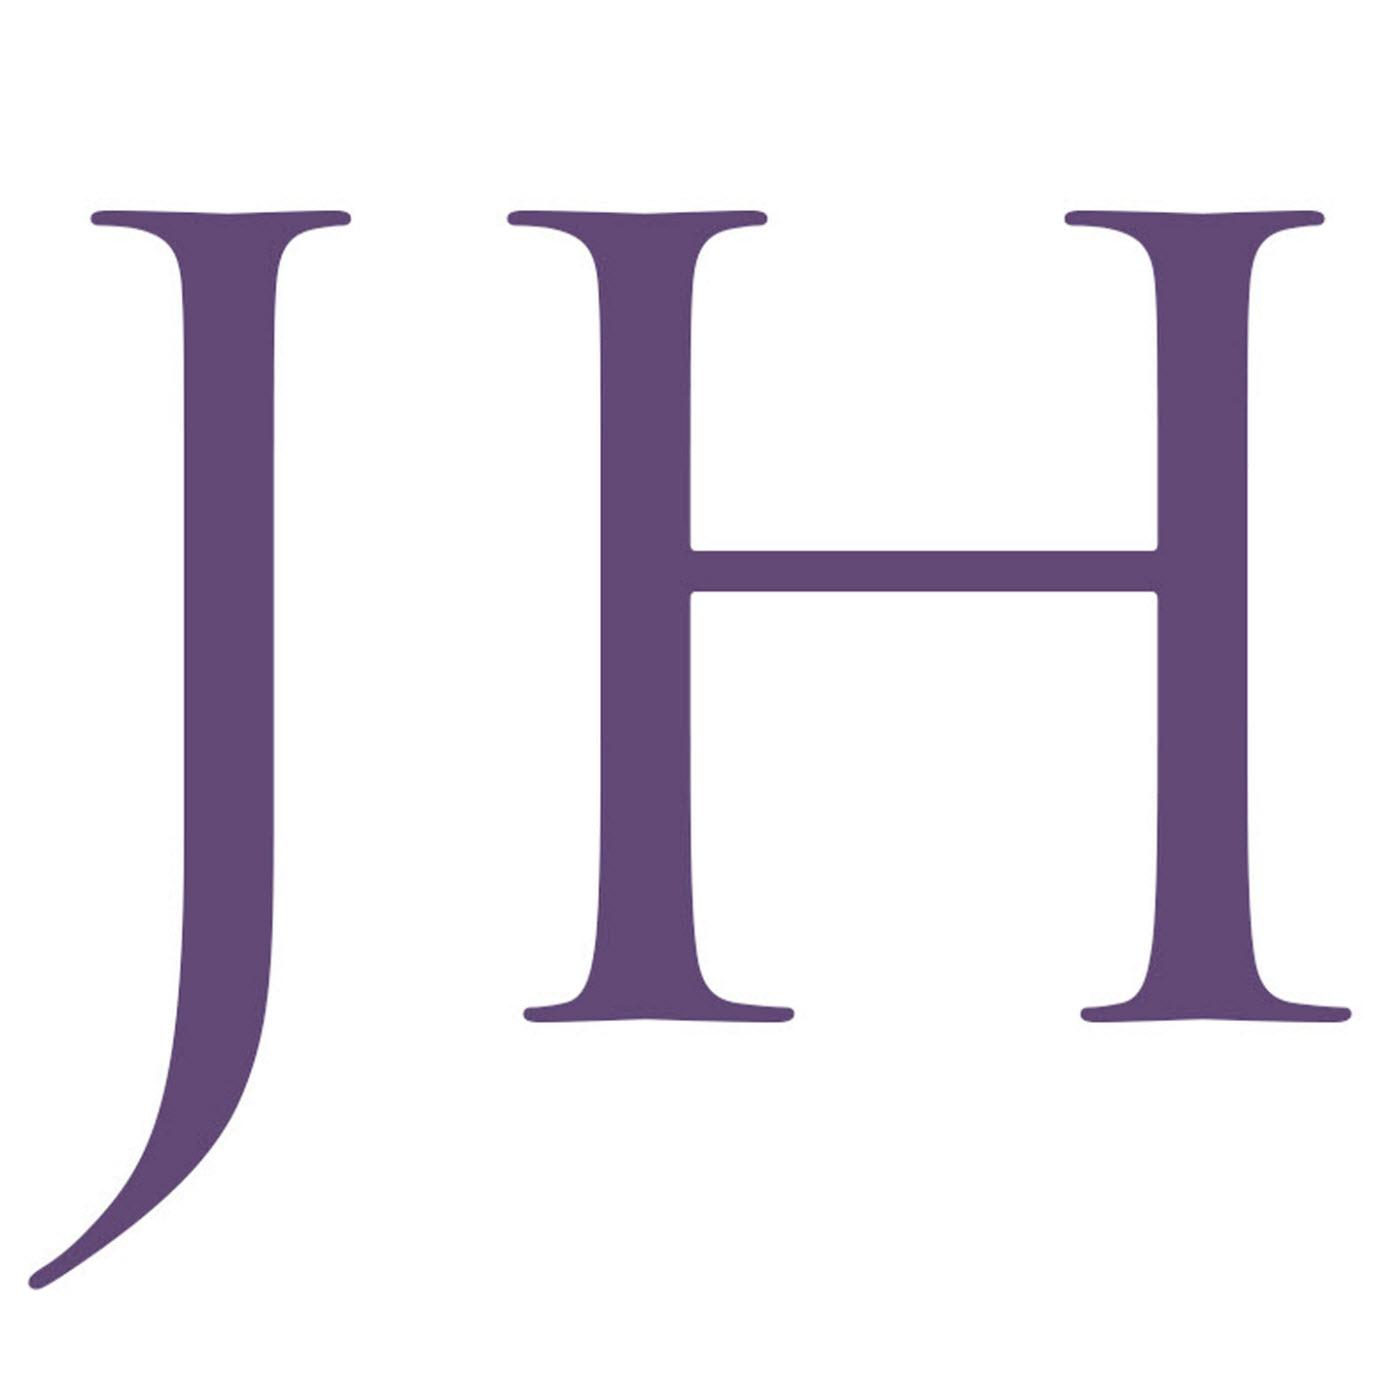 JHBC Sermons